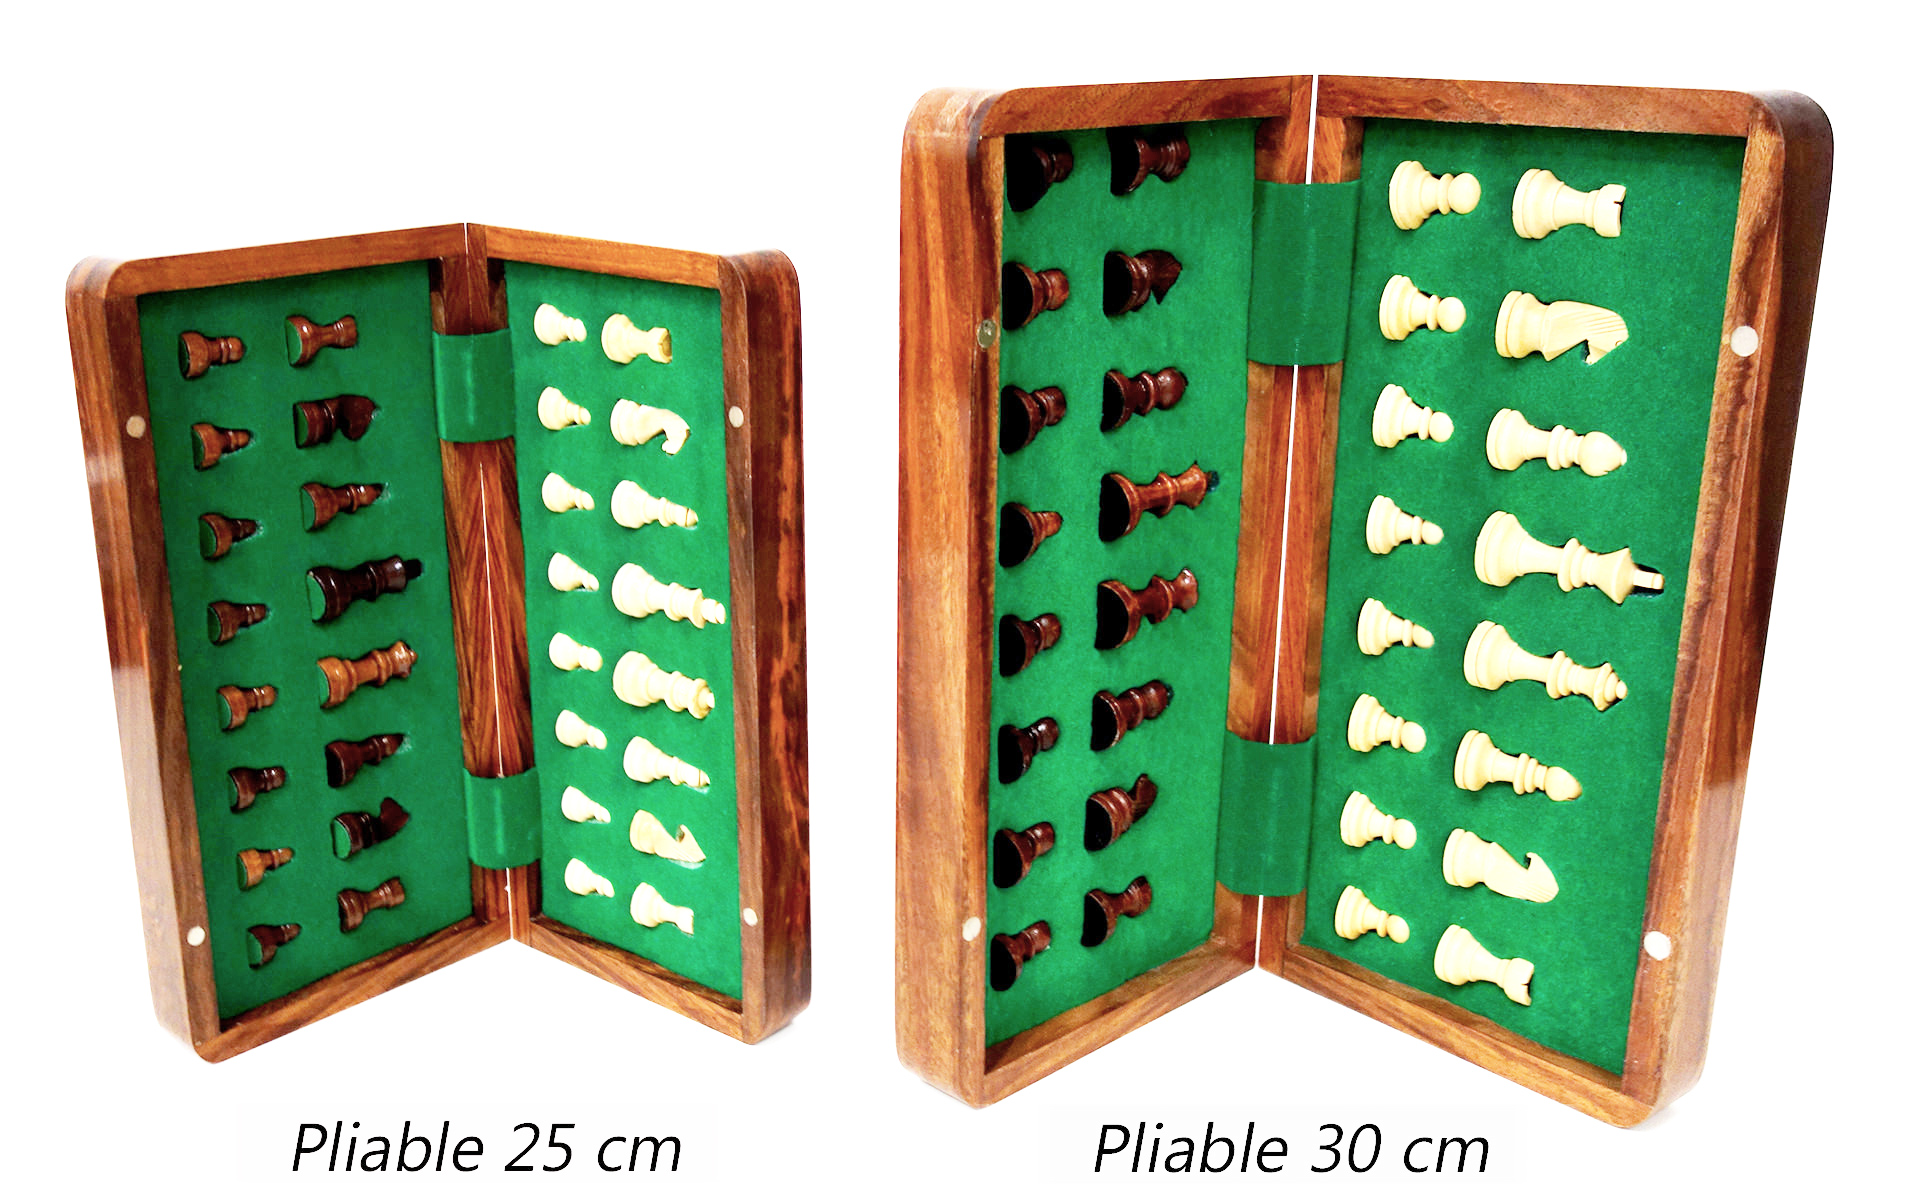 Pliable 30cm  vs Pliable 25cm ouvert